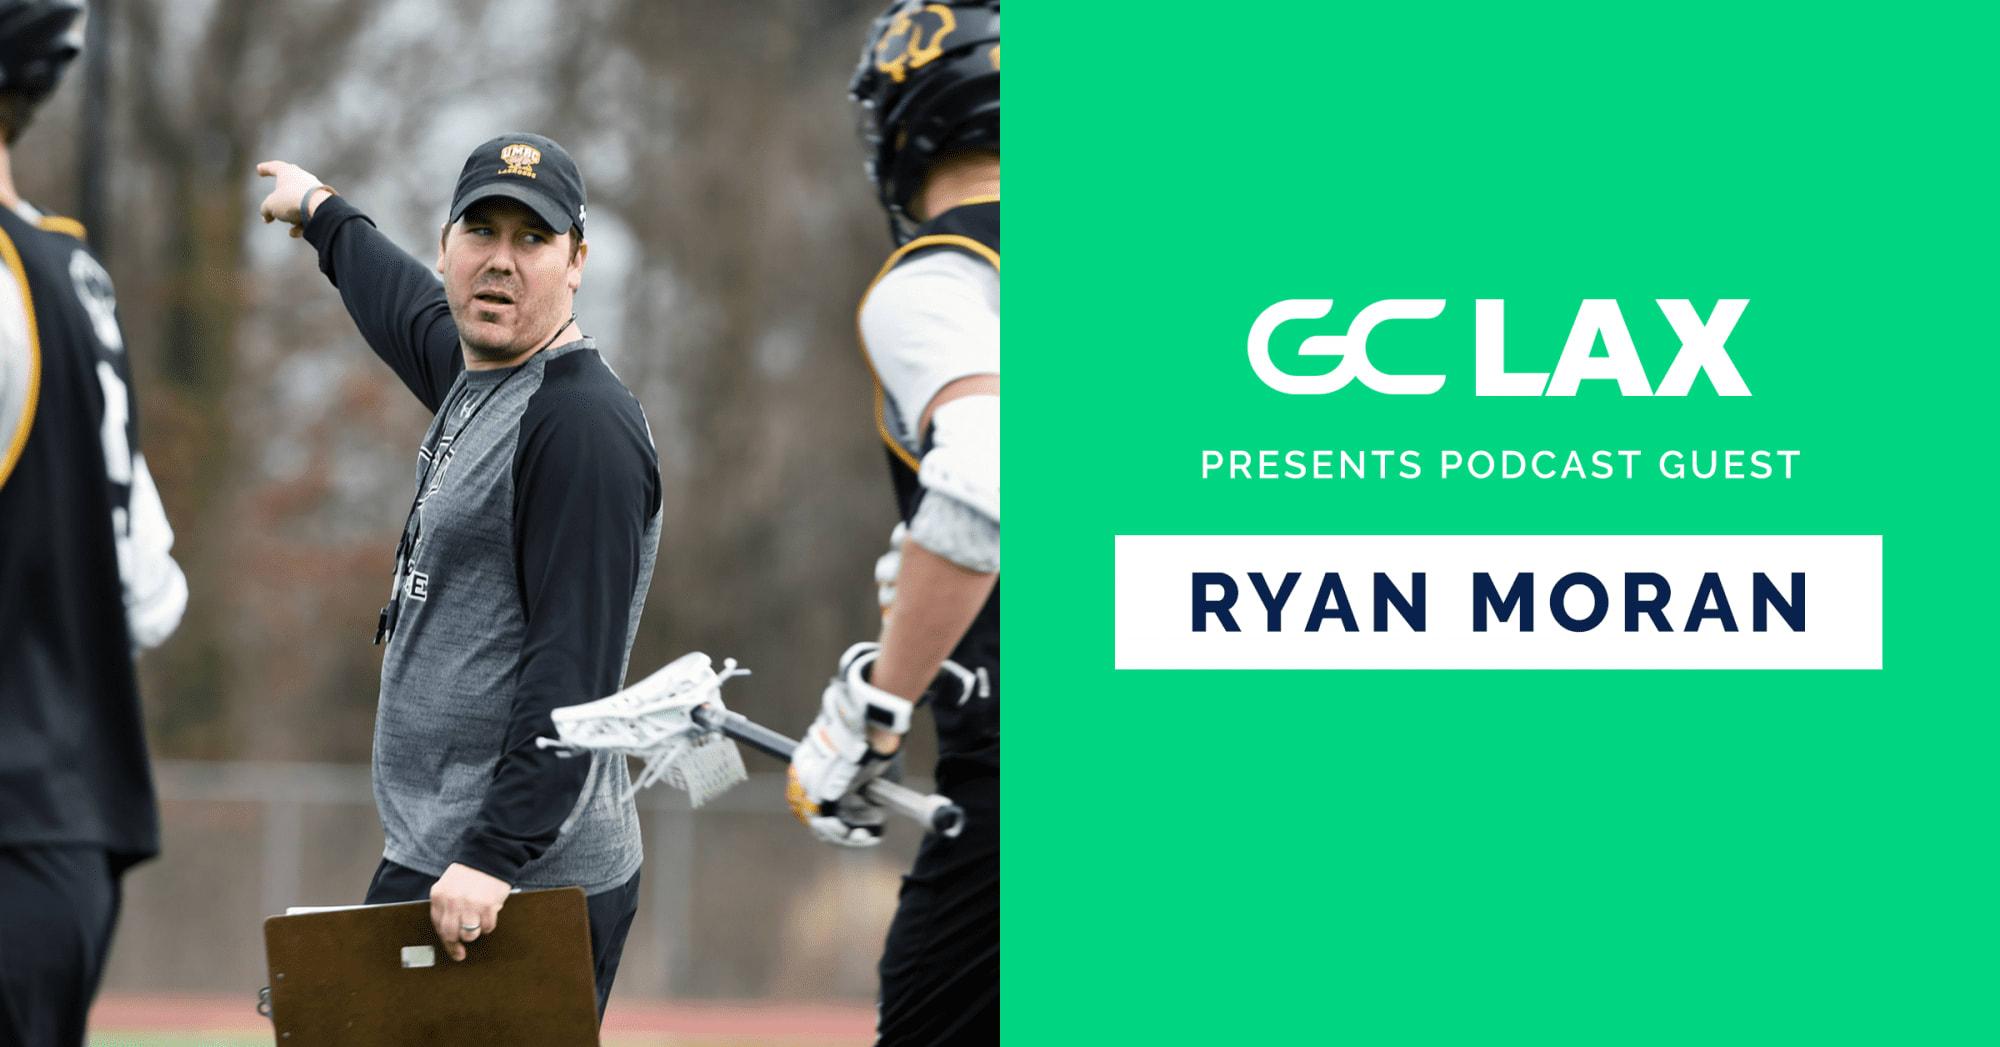 Ryan Moran UMBC men's lacrosse coach